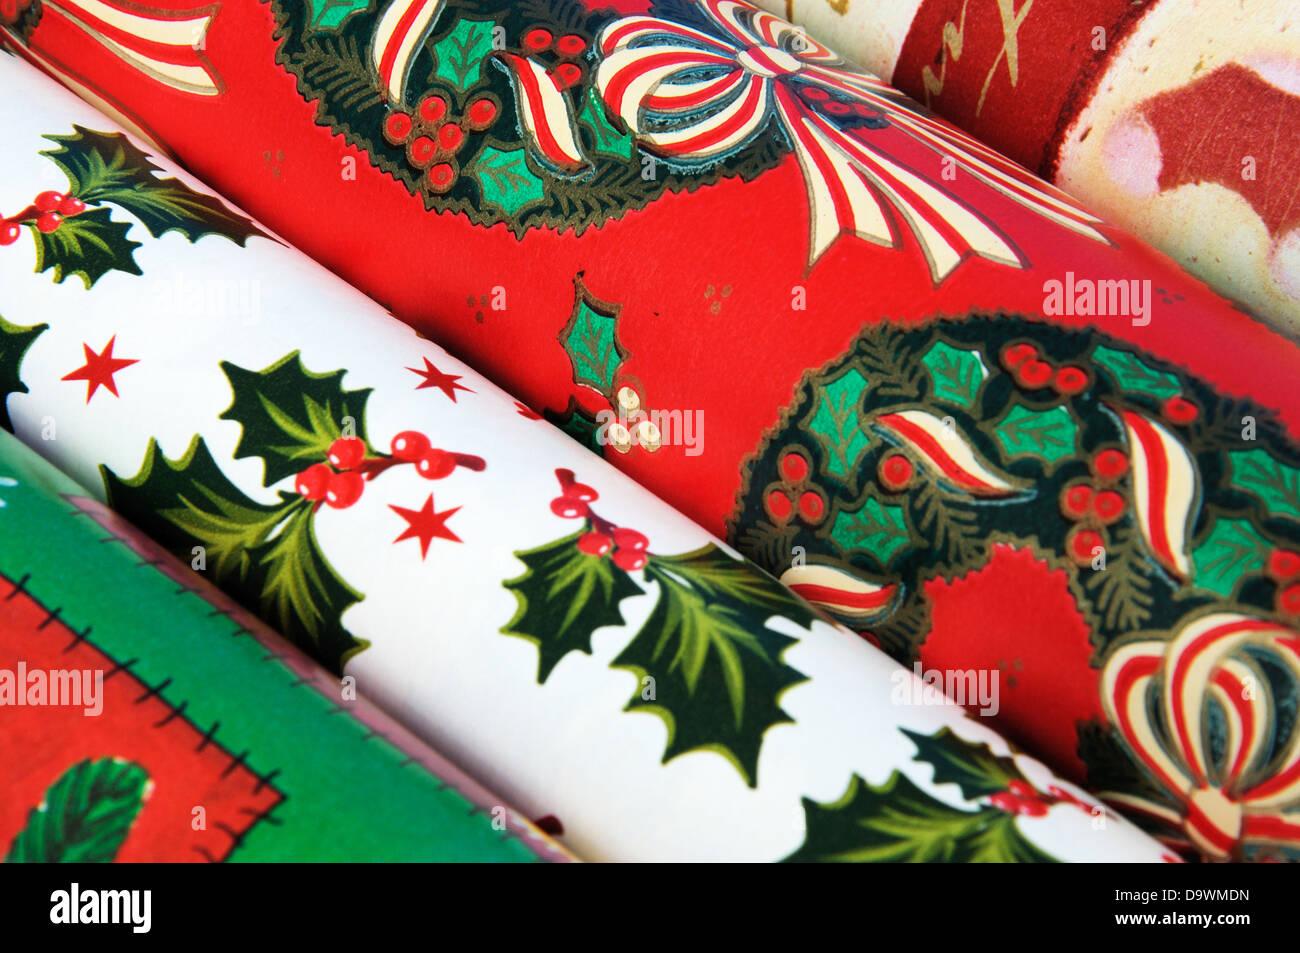 Bunten Weihnachts-Geschenkpapier Rollen Stockfoto, Bild: 57727873 ...